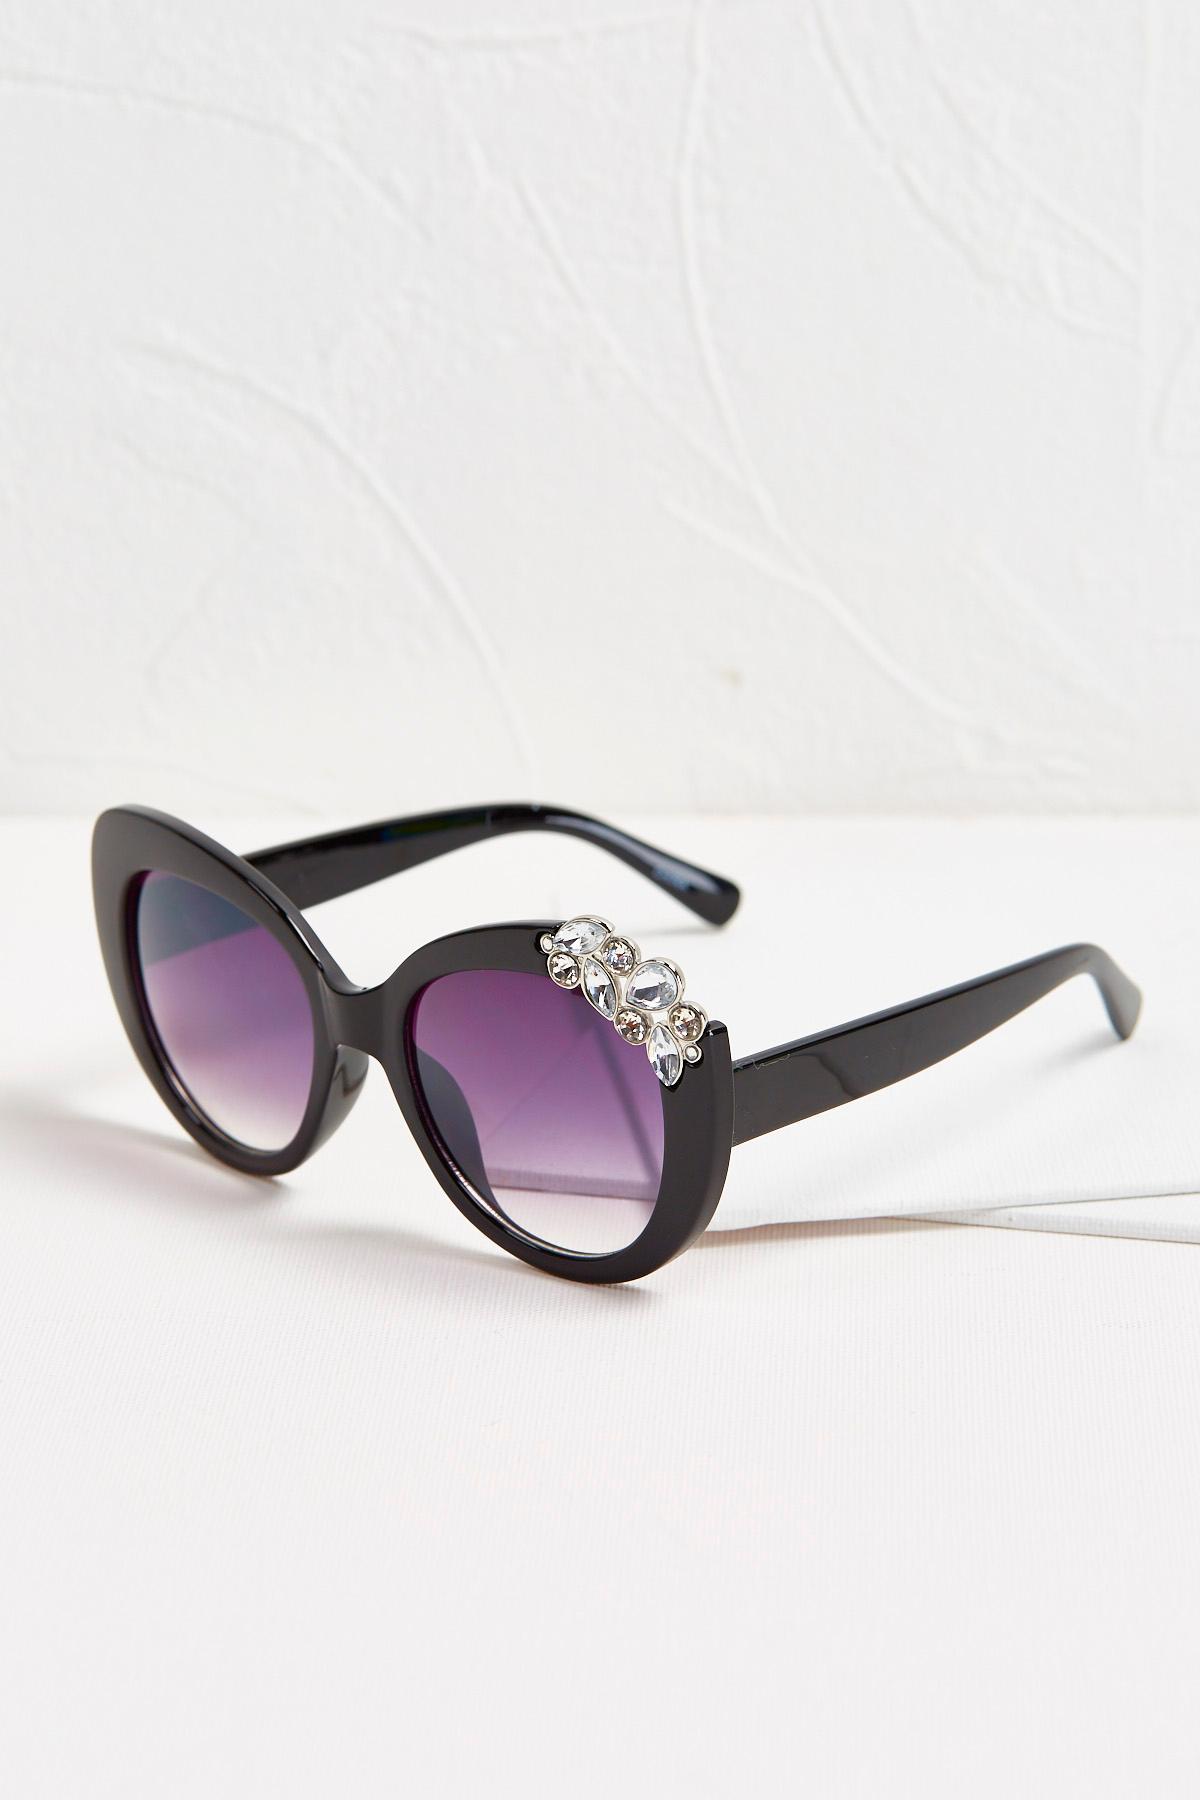 Jeweled Embellished Sunglasses